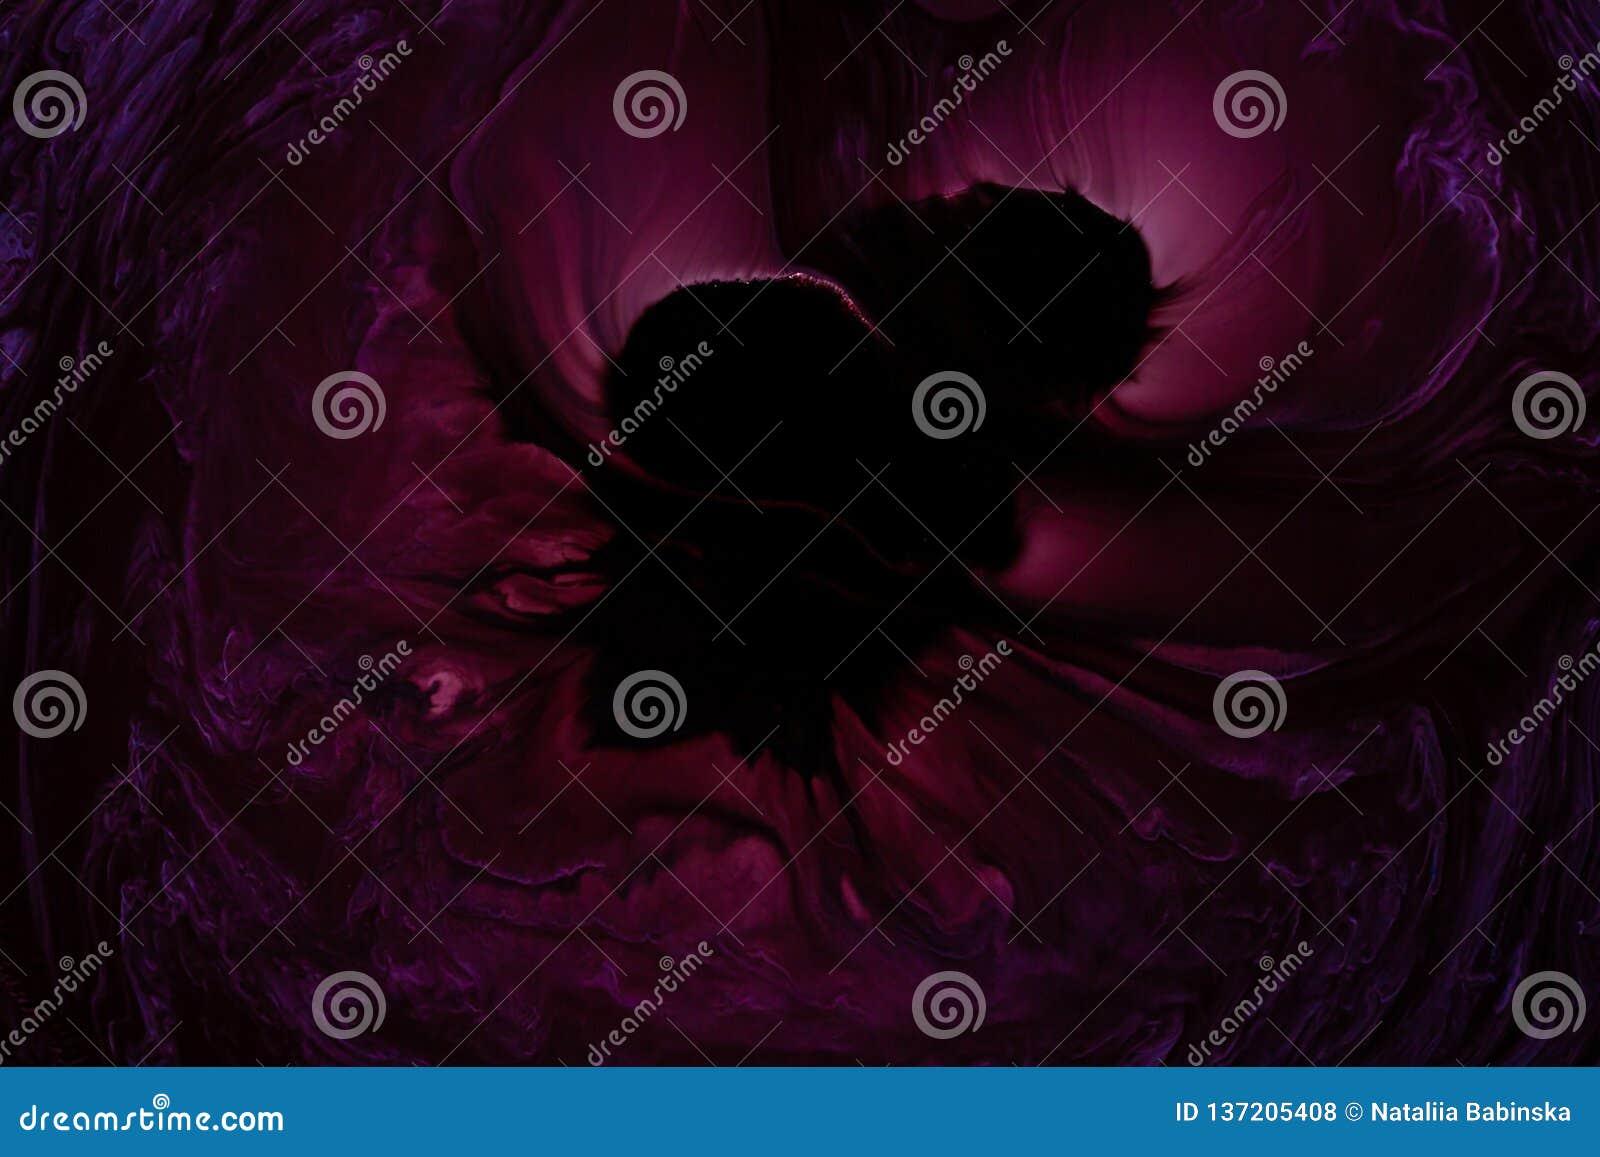 Violette Rose Sous Marine Inconnue Legere Noire De L Espace D Objet